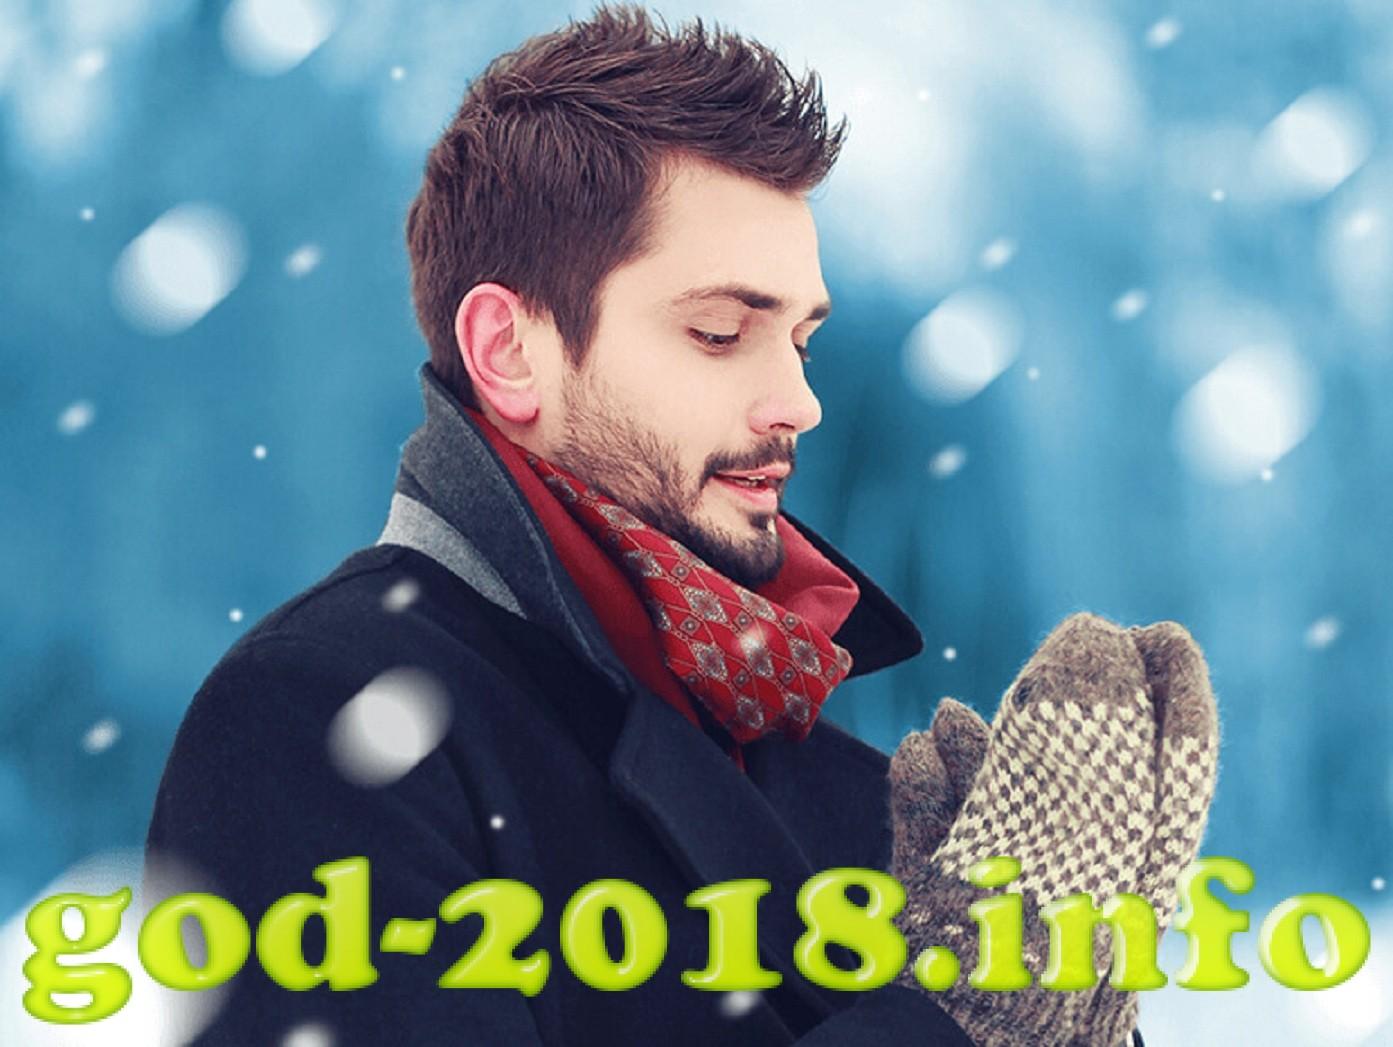 interesnye-pozdravlenija-s-novym-godom-2018-dlja-parnja-3